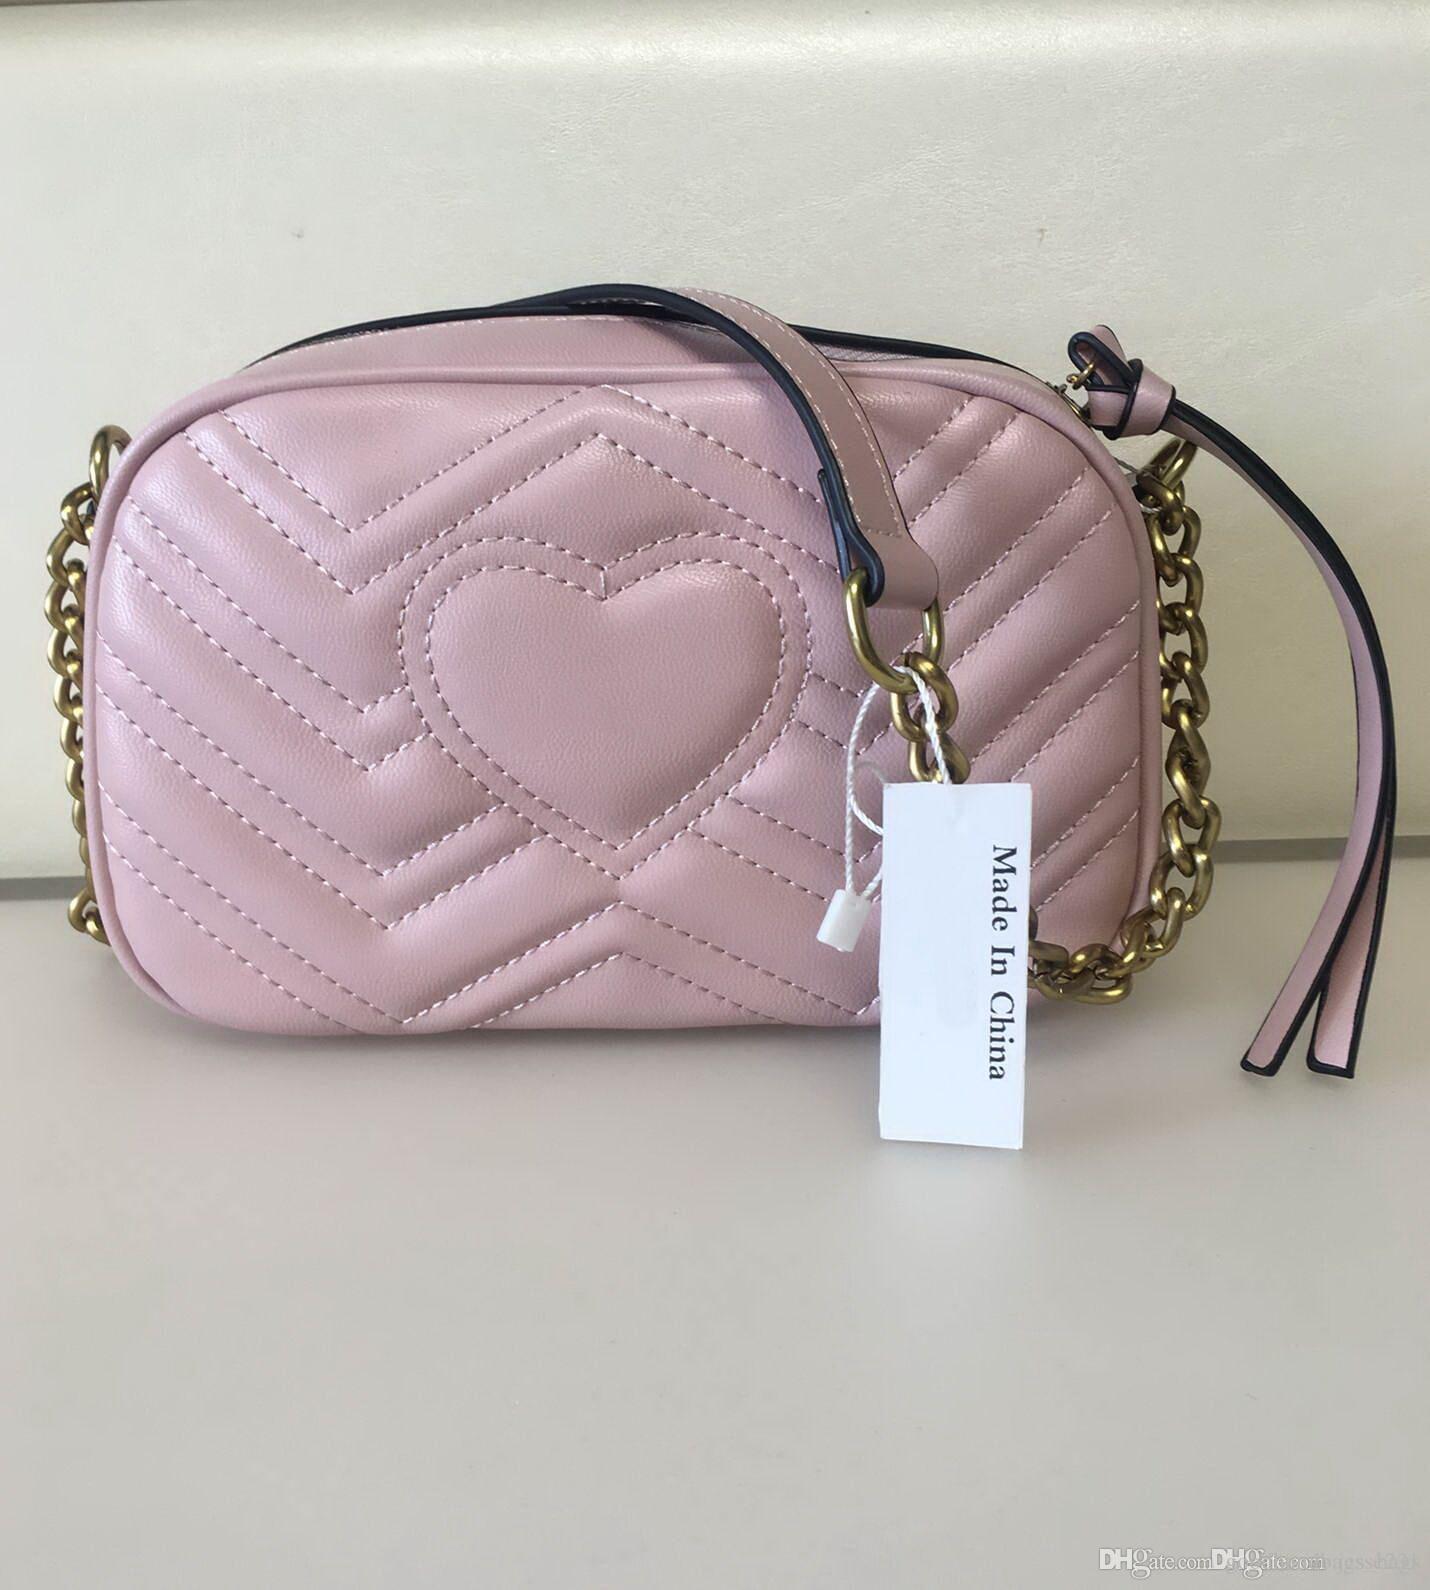 Qualitäts-neue Frauen-Handtaschen Goldkette Schultertasche Umhängetasche Soho-Tasche Disco Messenger Bag Portemonnaie 11 Farben # 6158